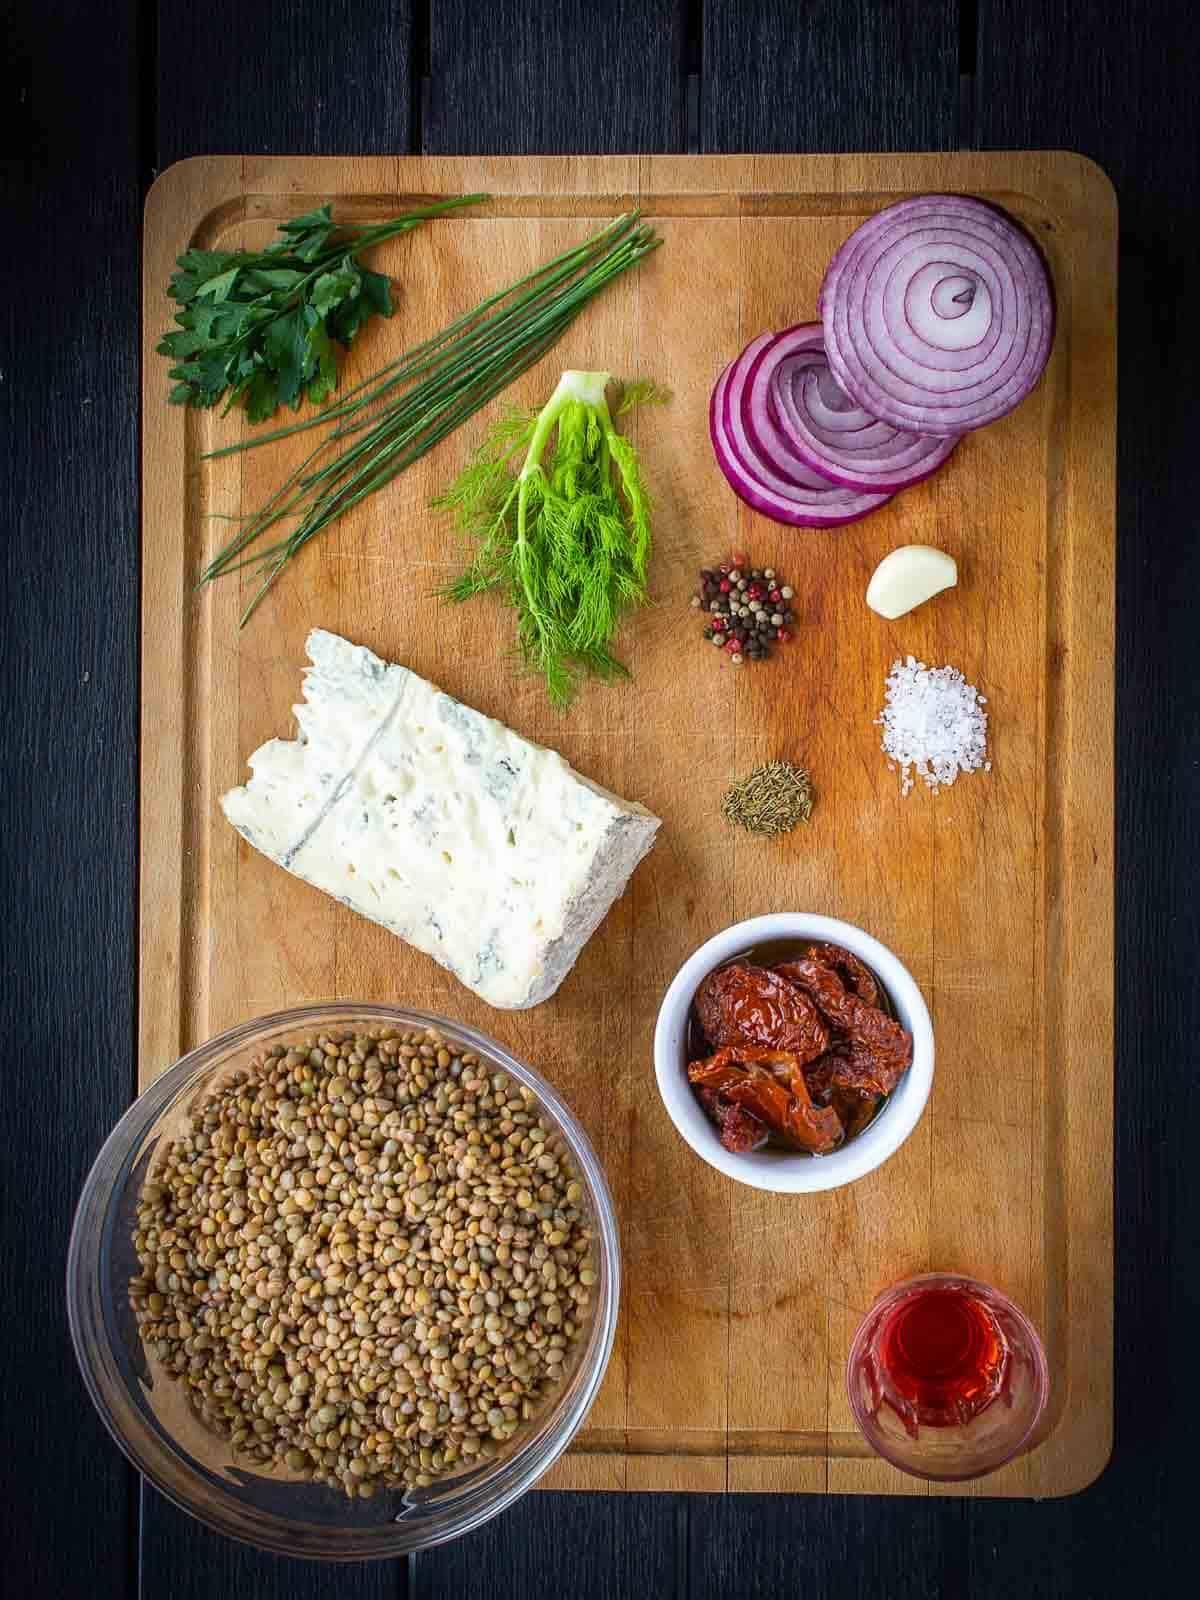 blue cheese lentils ingredients